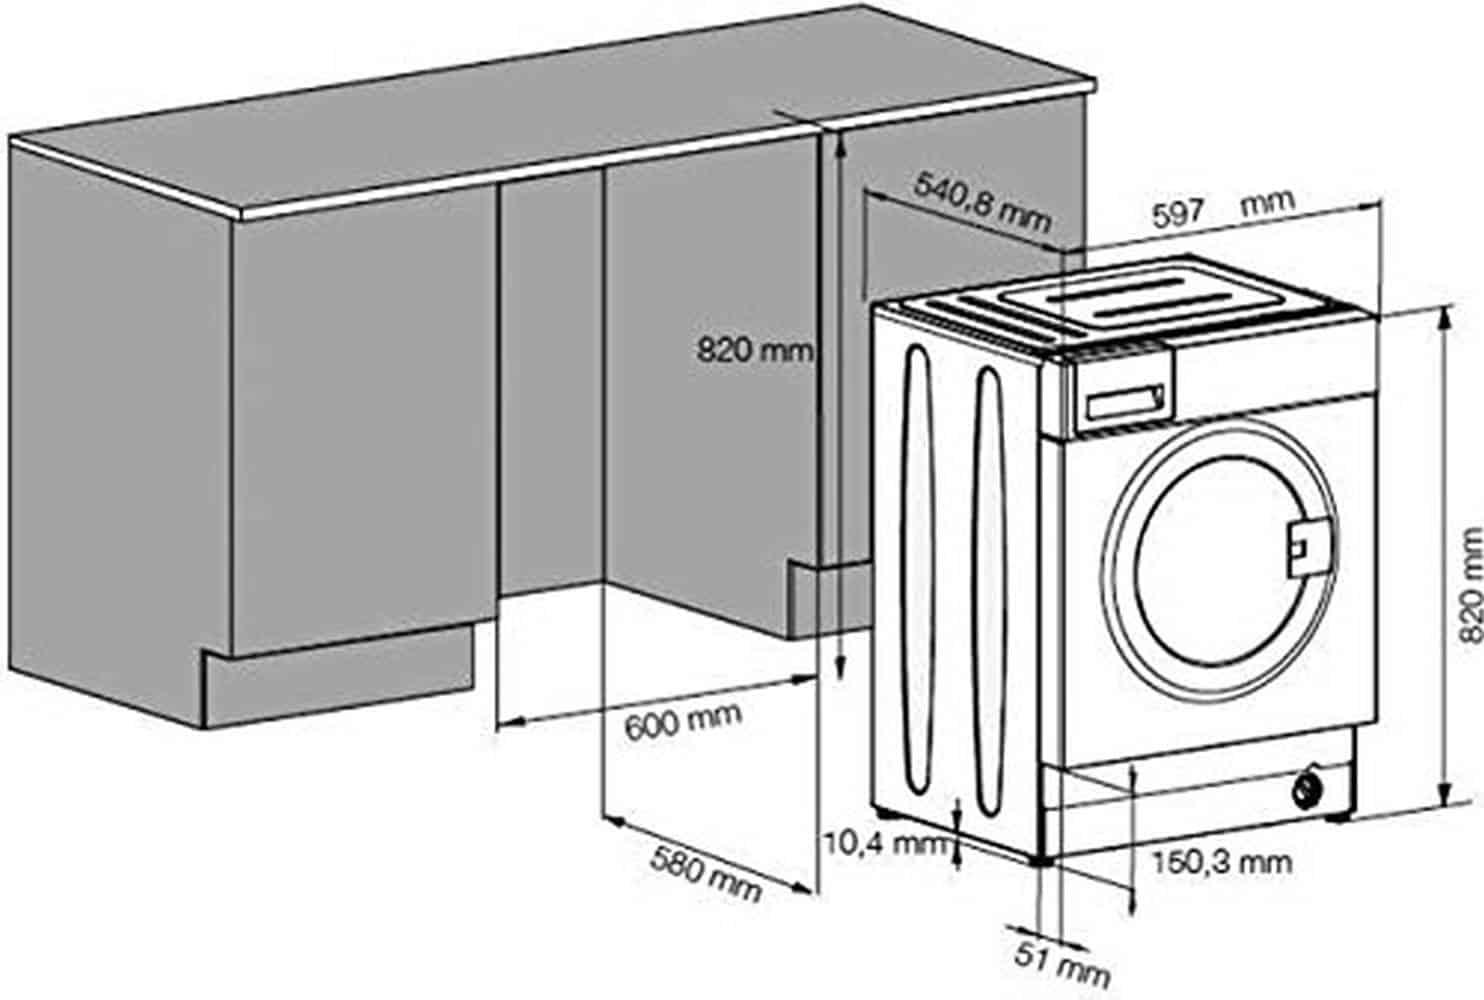 beko wmi 71443 pte waschmaschine im test 07 2018. Black Bedroom Furniture Sets. Home Design Ideas